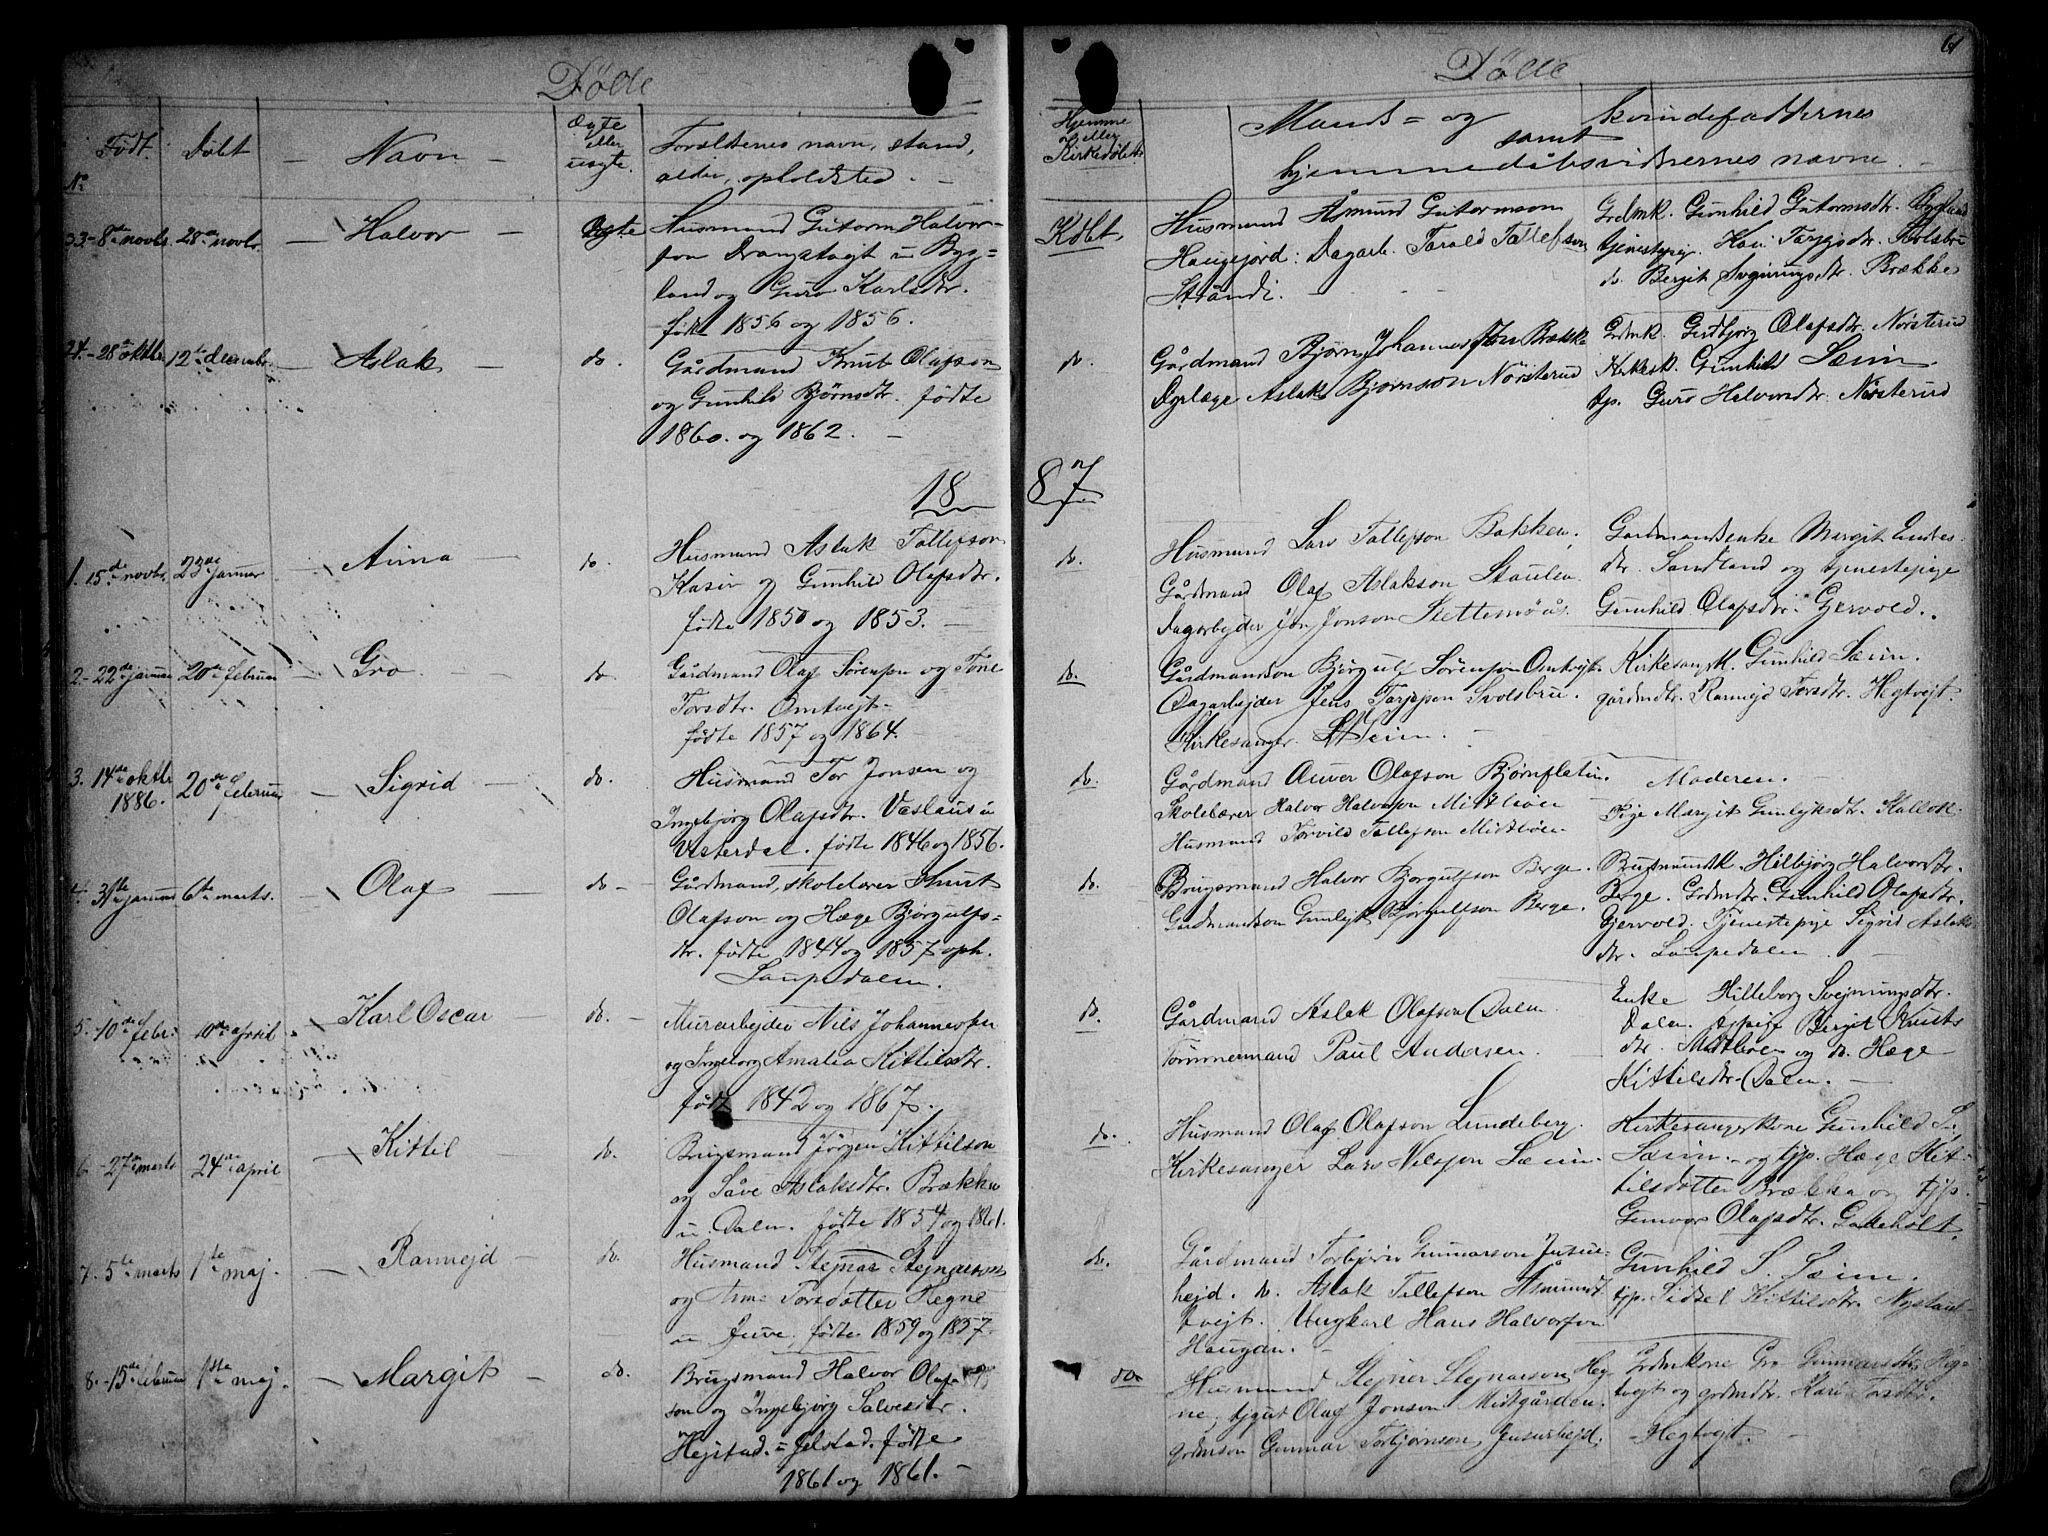 SAKO, Kviteseid kirkebøker, G/Gb/L0002: Klokkerbok nr. II 2, 1850-1892, s. 61